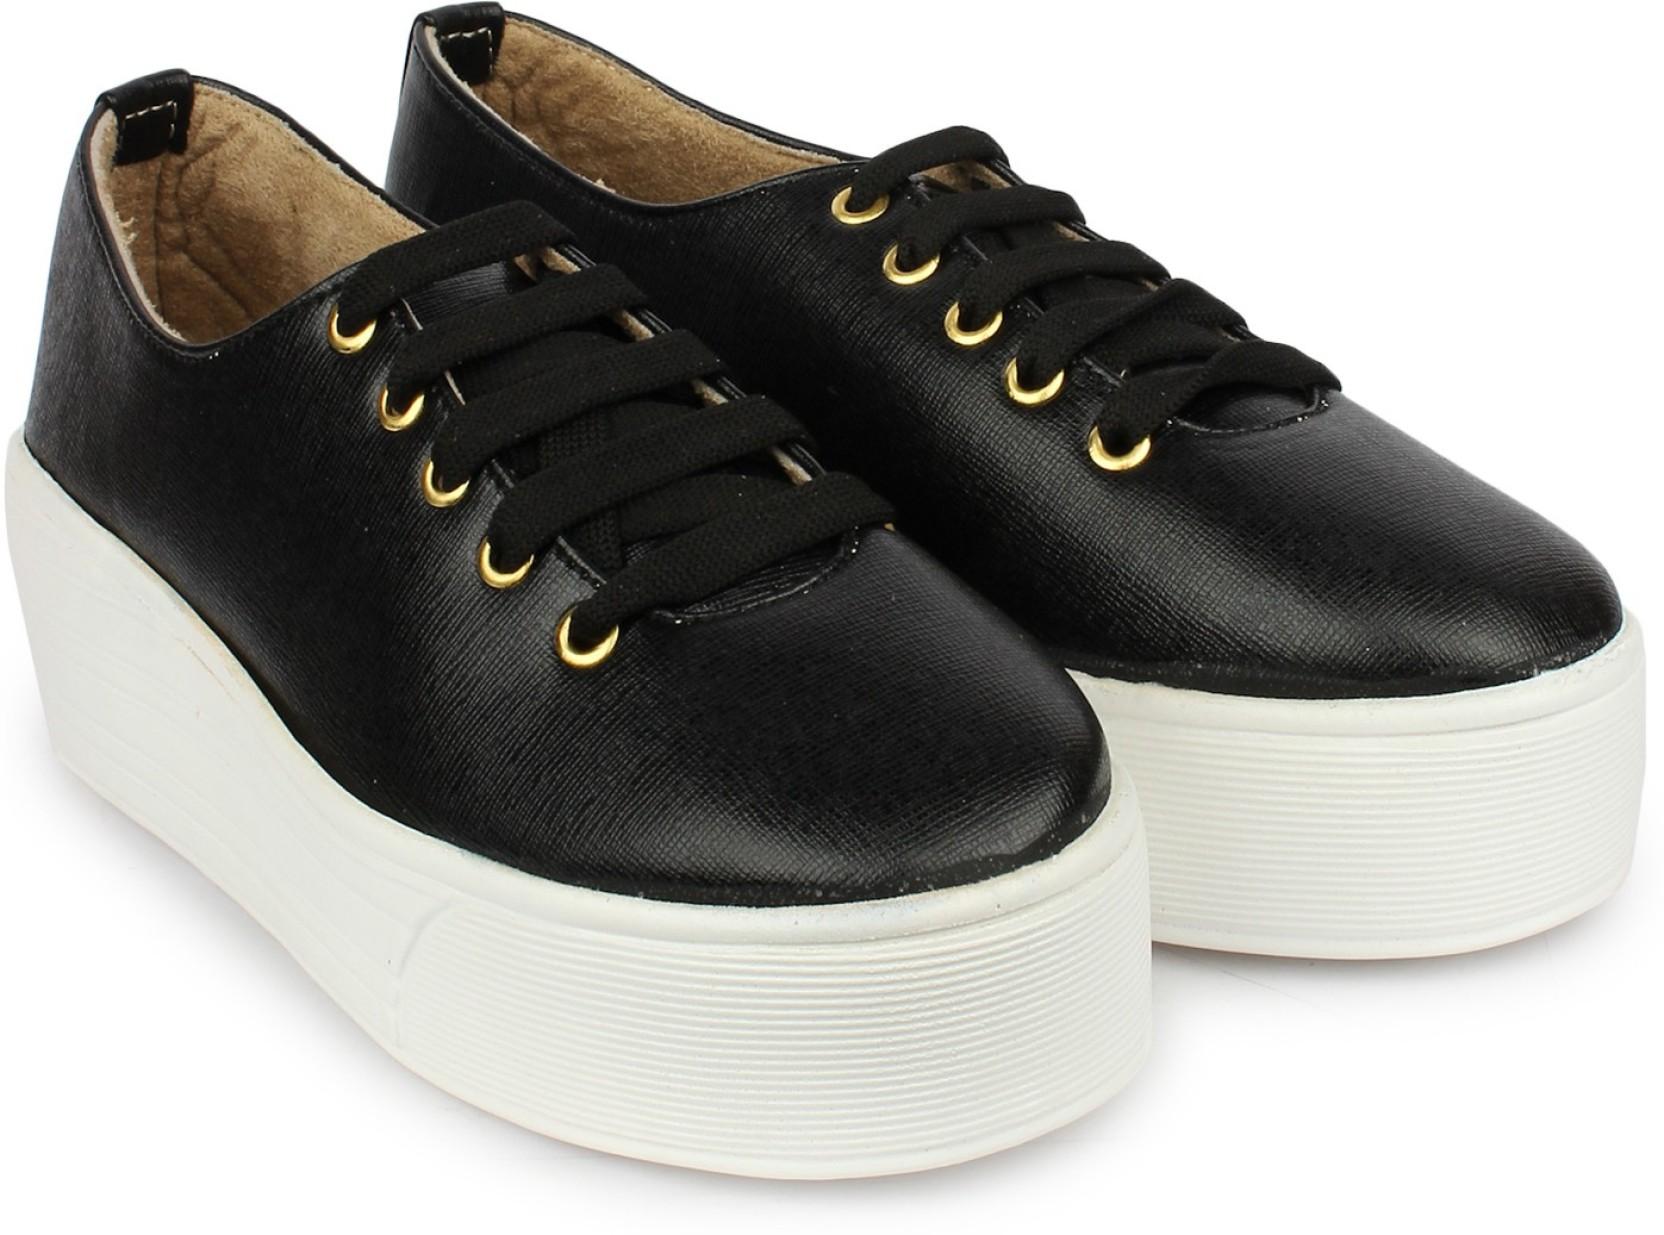 Shoetopia Shoes Online